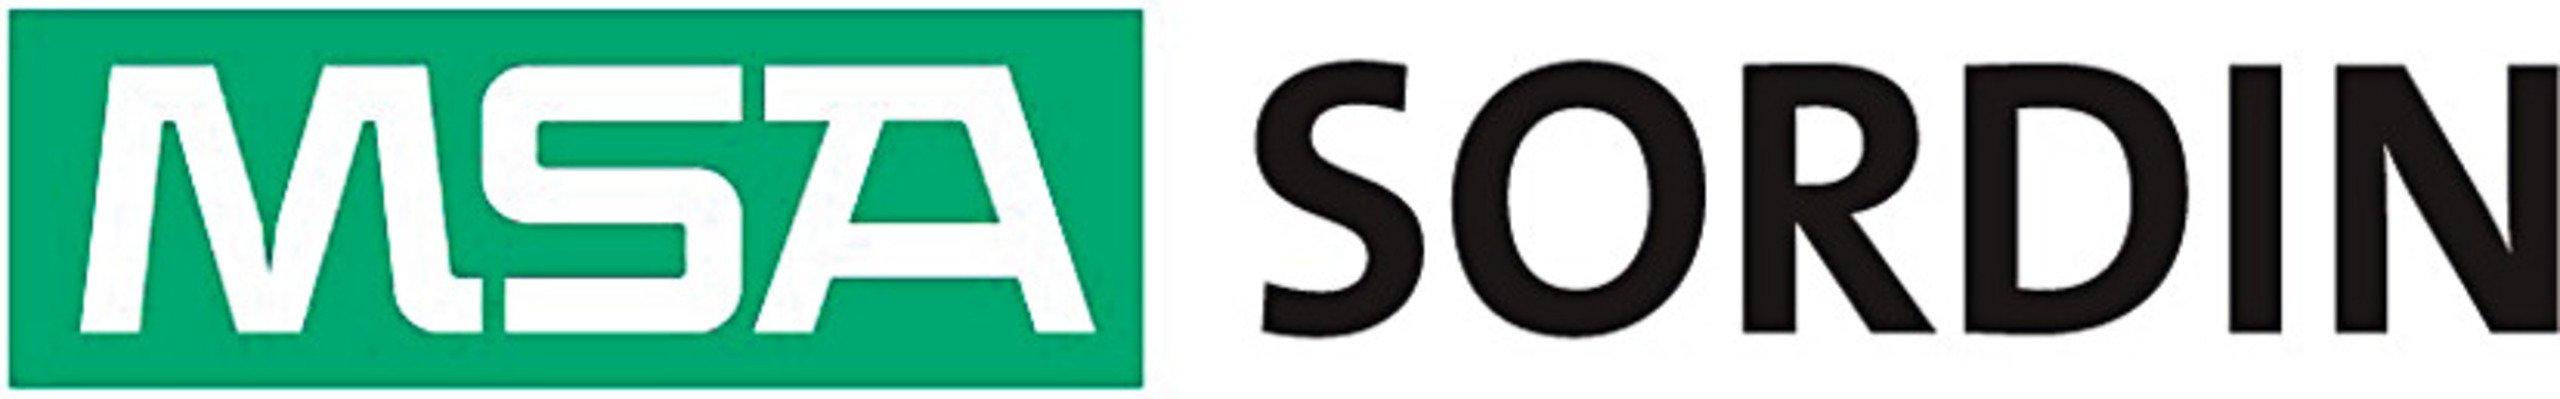 MSA Sordin